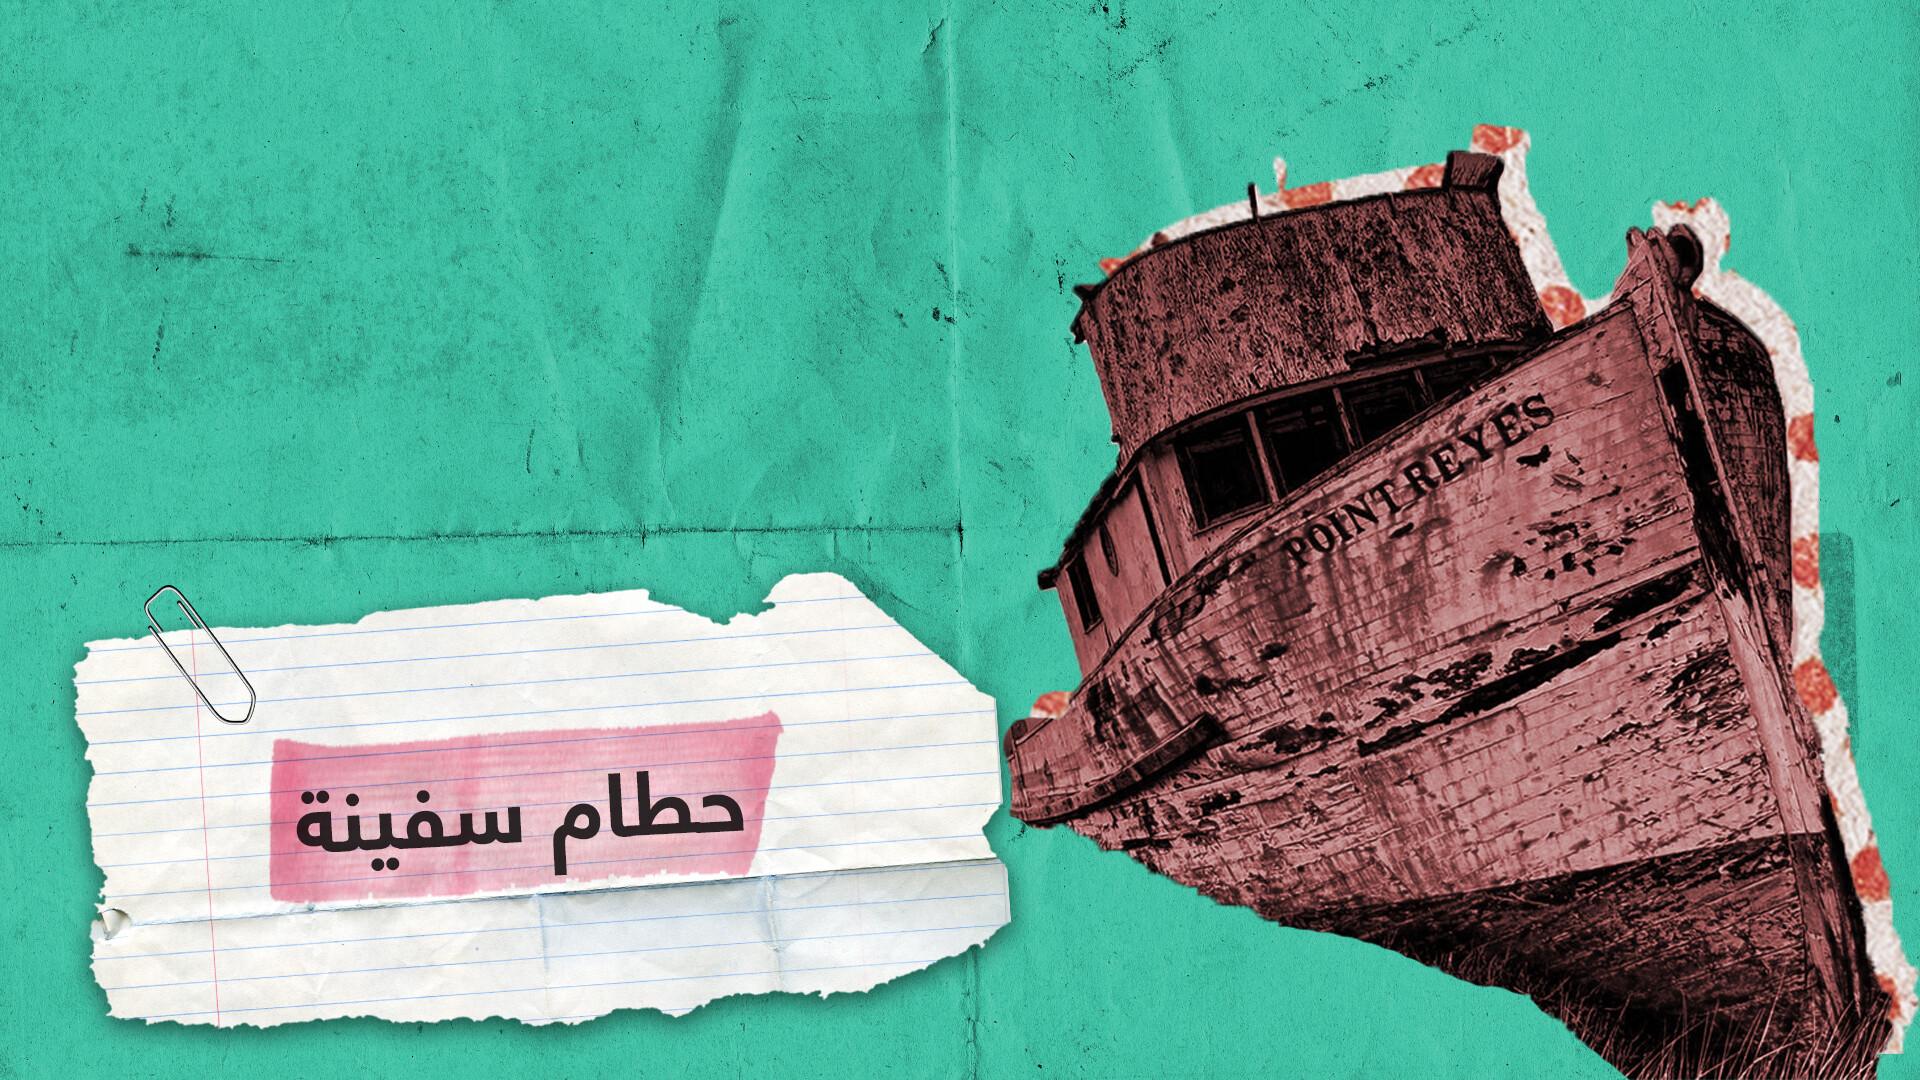 حطام سفينة في أعماق المتوسط يكشف عن كارثة إنسانية